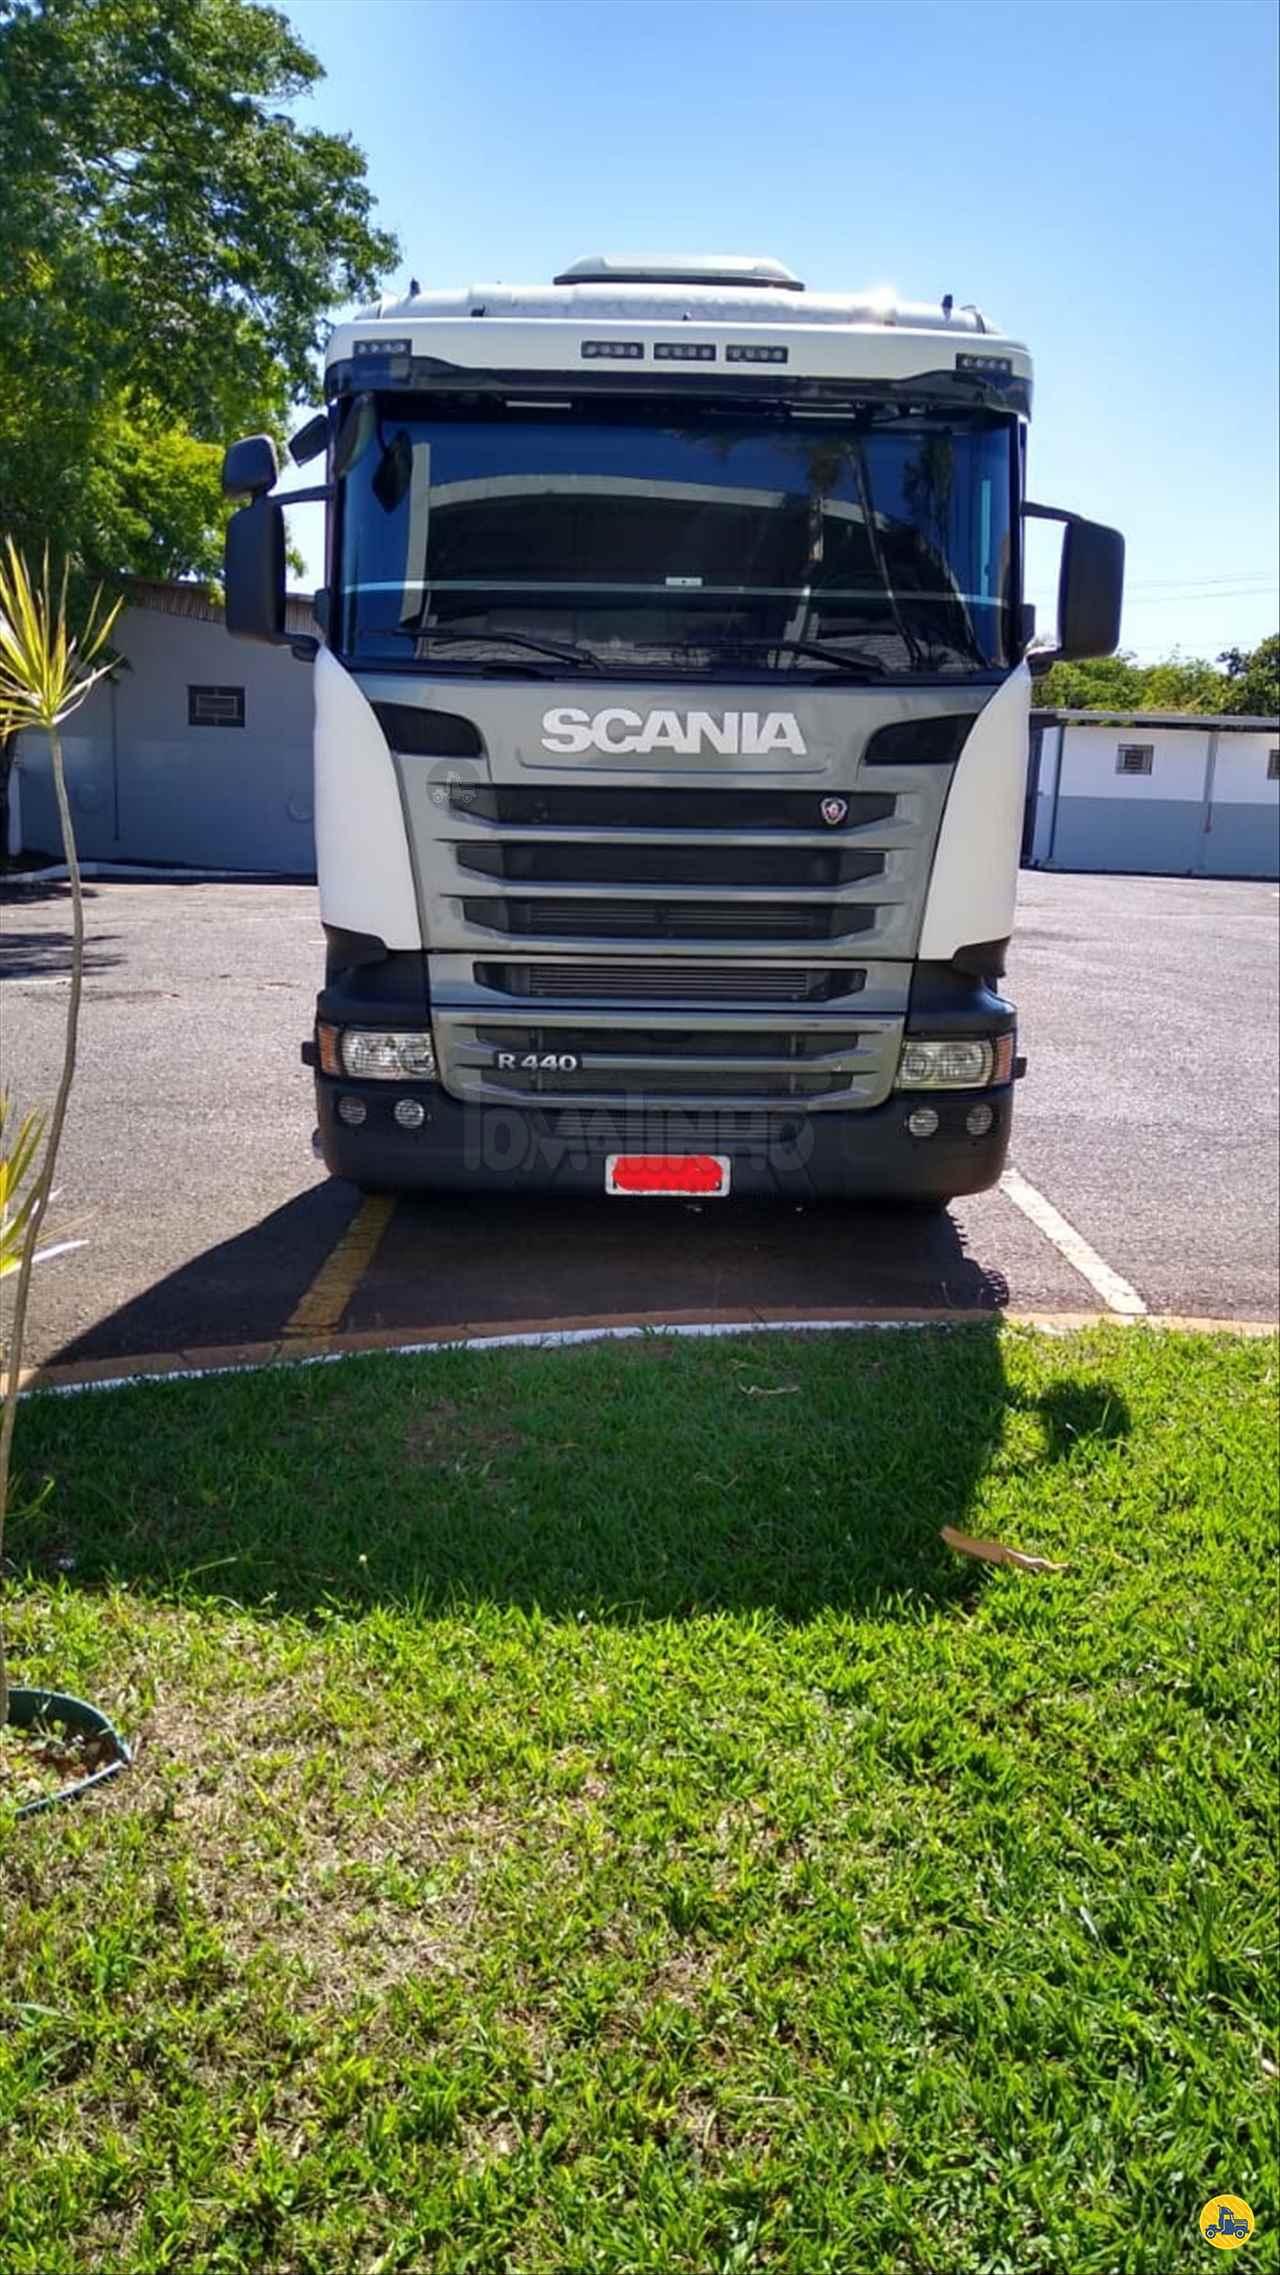 CAMINHAO SCANIA SCANIA 440 Cavalo Mecânico Truck 6x2 Tomatinho Caminhões BAURU SÃO PAULO SP